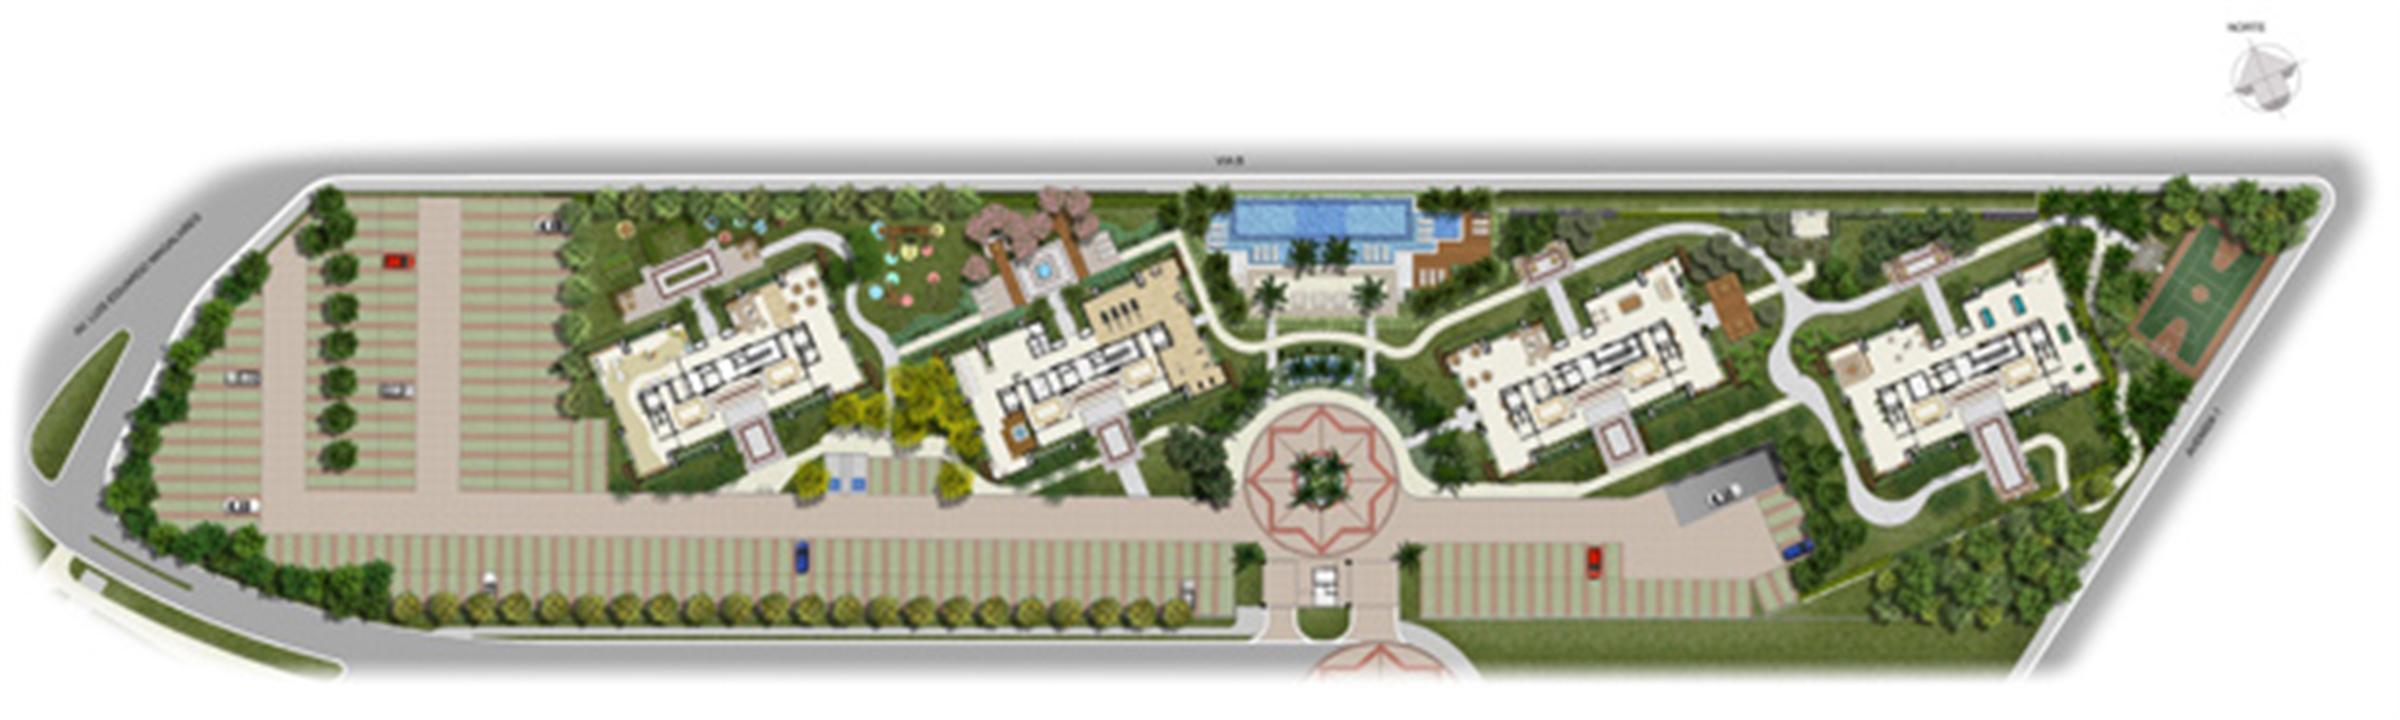 Perspectiva Ilustrada da Implantação | Jardim de Vêneto – Apartamentoem  Altos do Calhau - São Luís - Maranhão